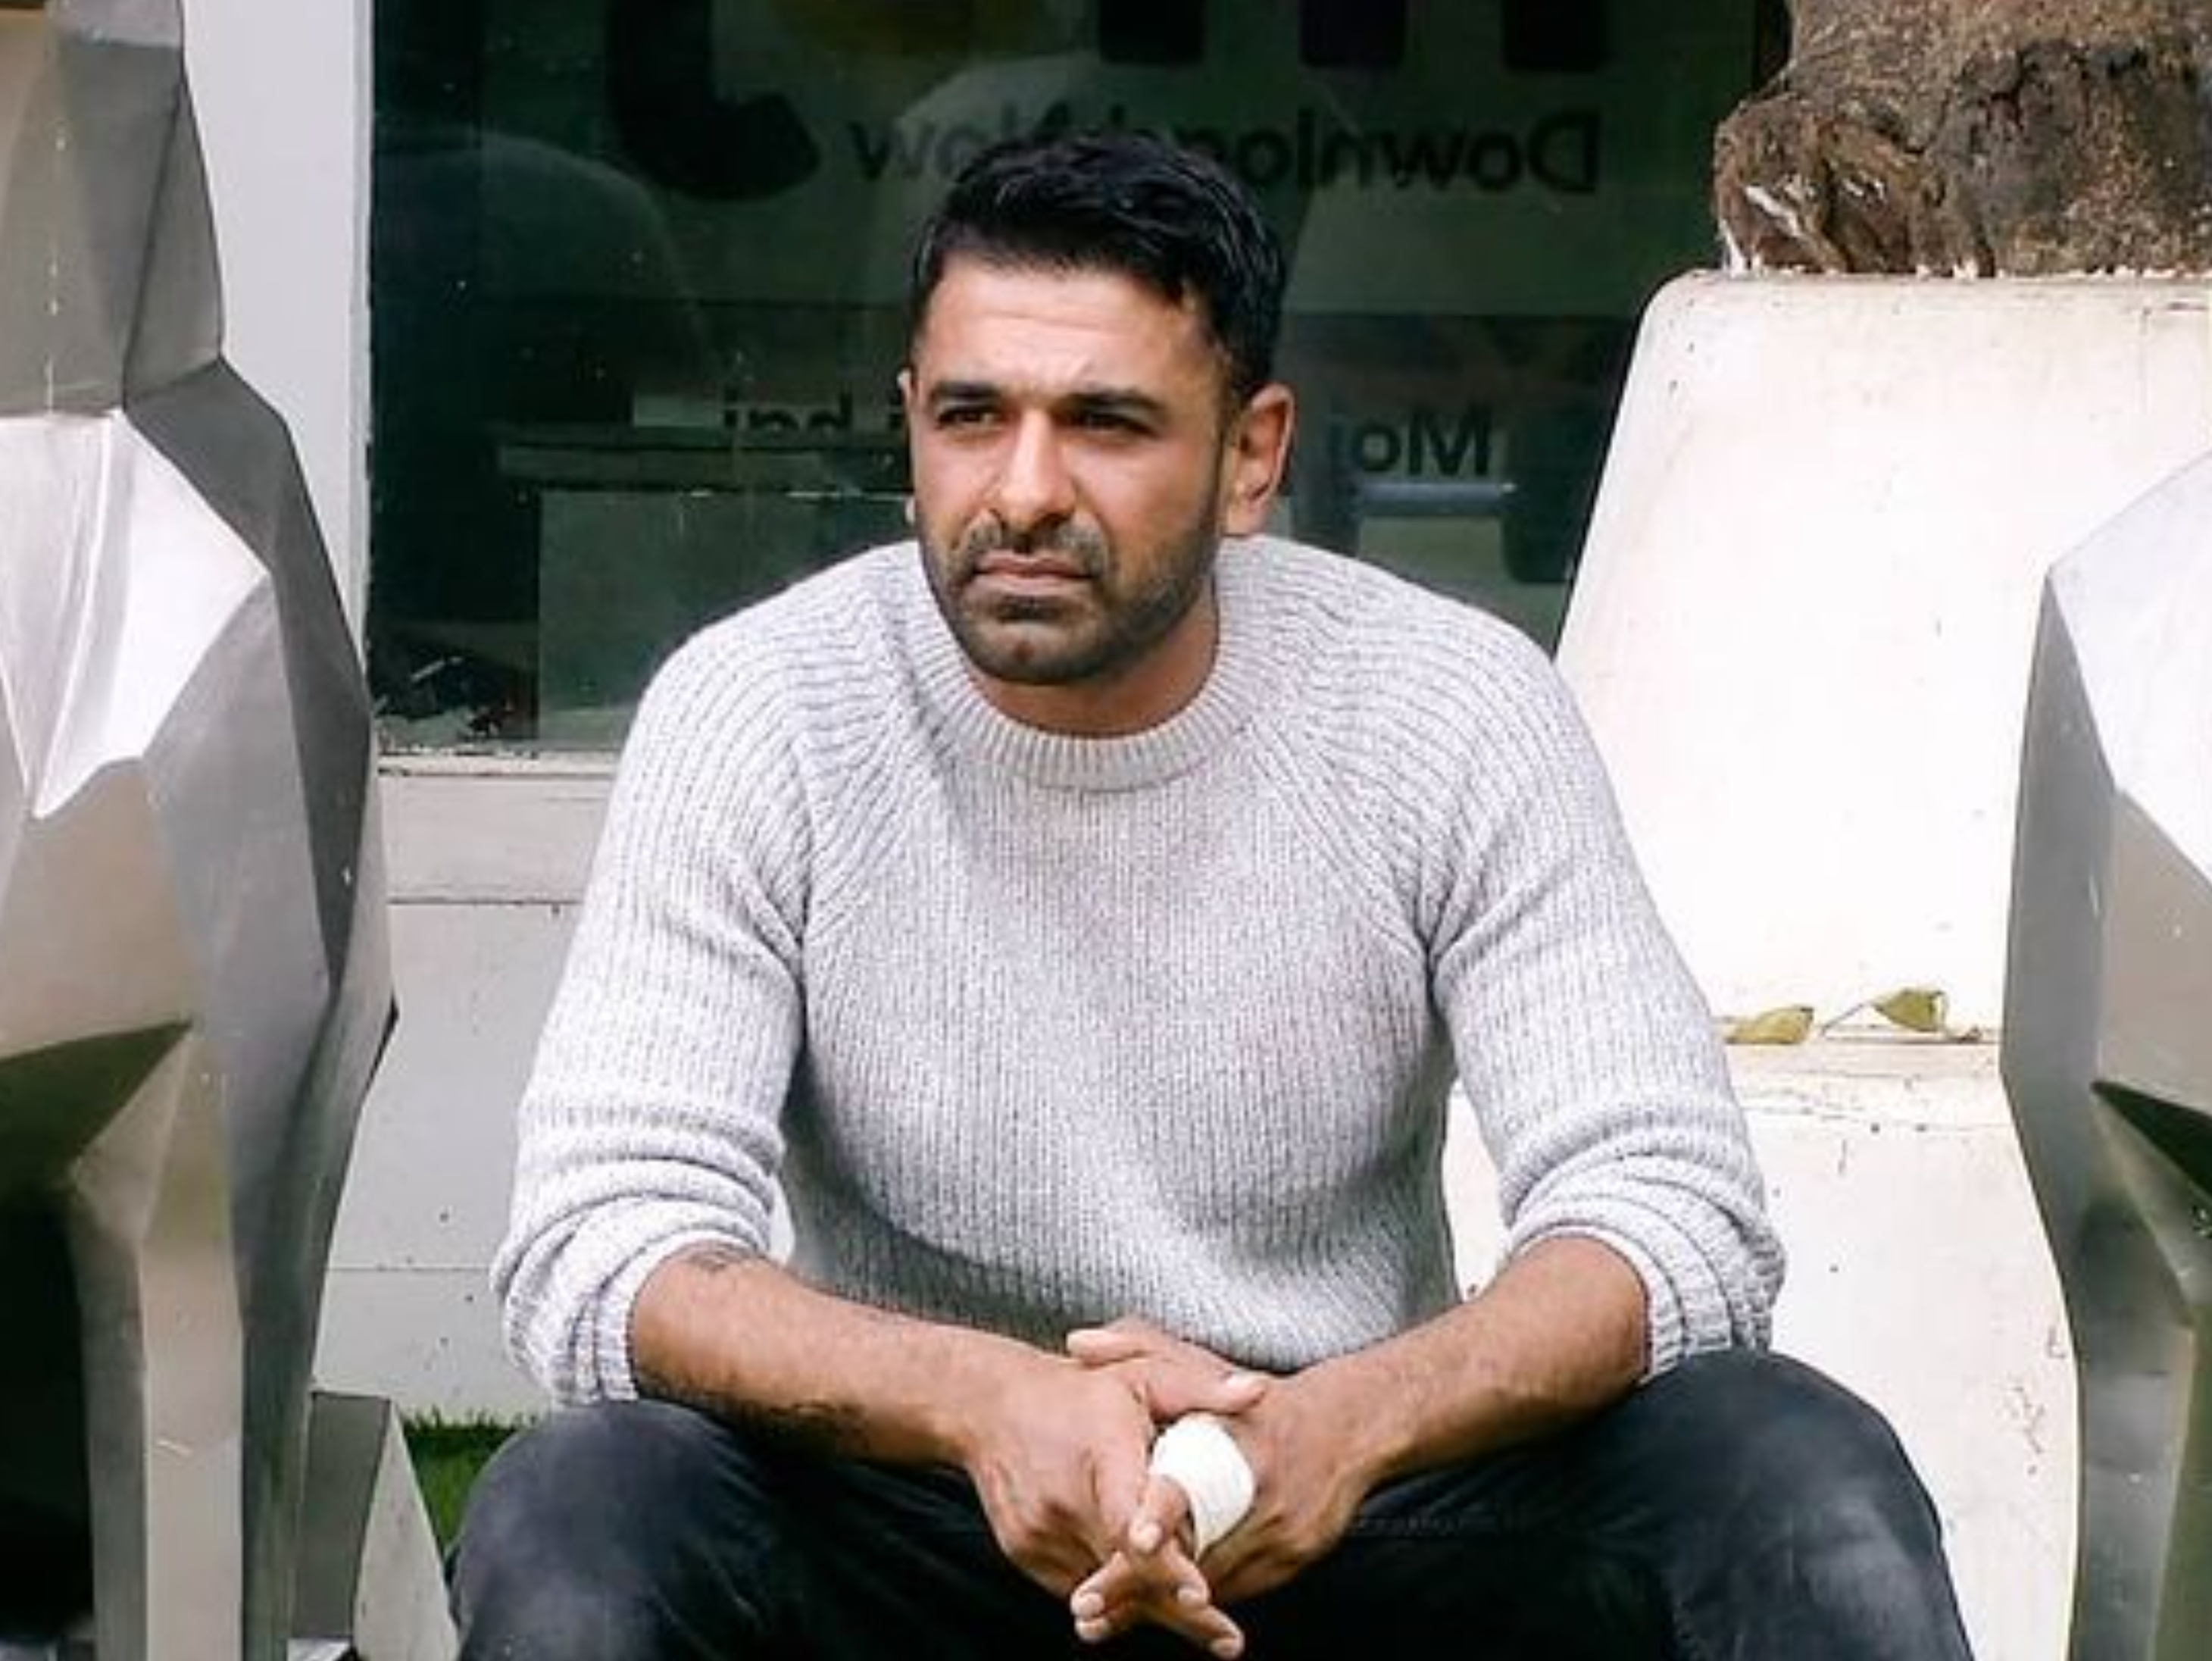 शो के सबसे दमदार कंटेस्टेंट ऐजाज खान जल्द ही बिग बॉस हाउस छोड़ेंगे, वर्क कमिटमेंट्स के चलते लेंगे वॉलेंट्री एग्जिट टीवी,TV - Dainik Bhaskar